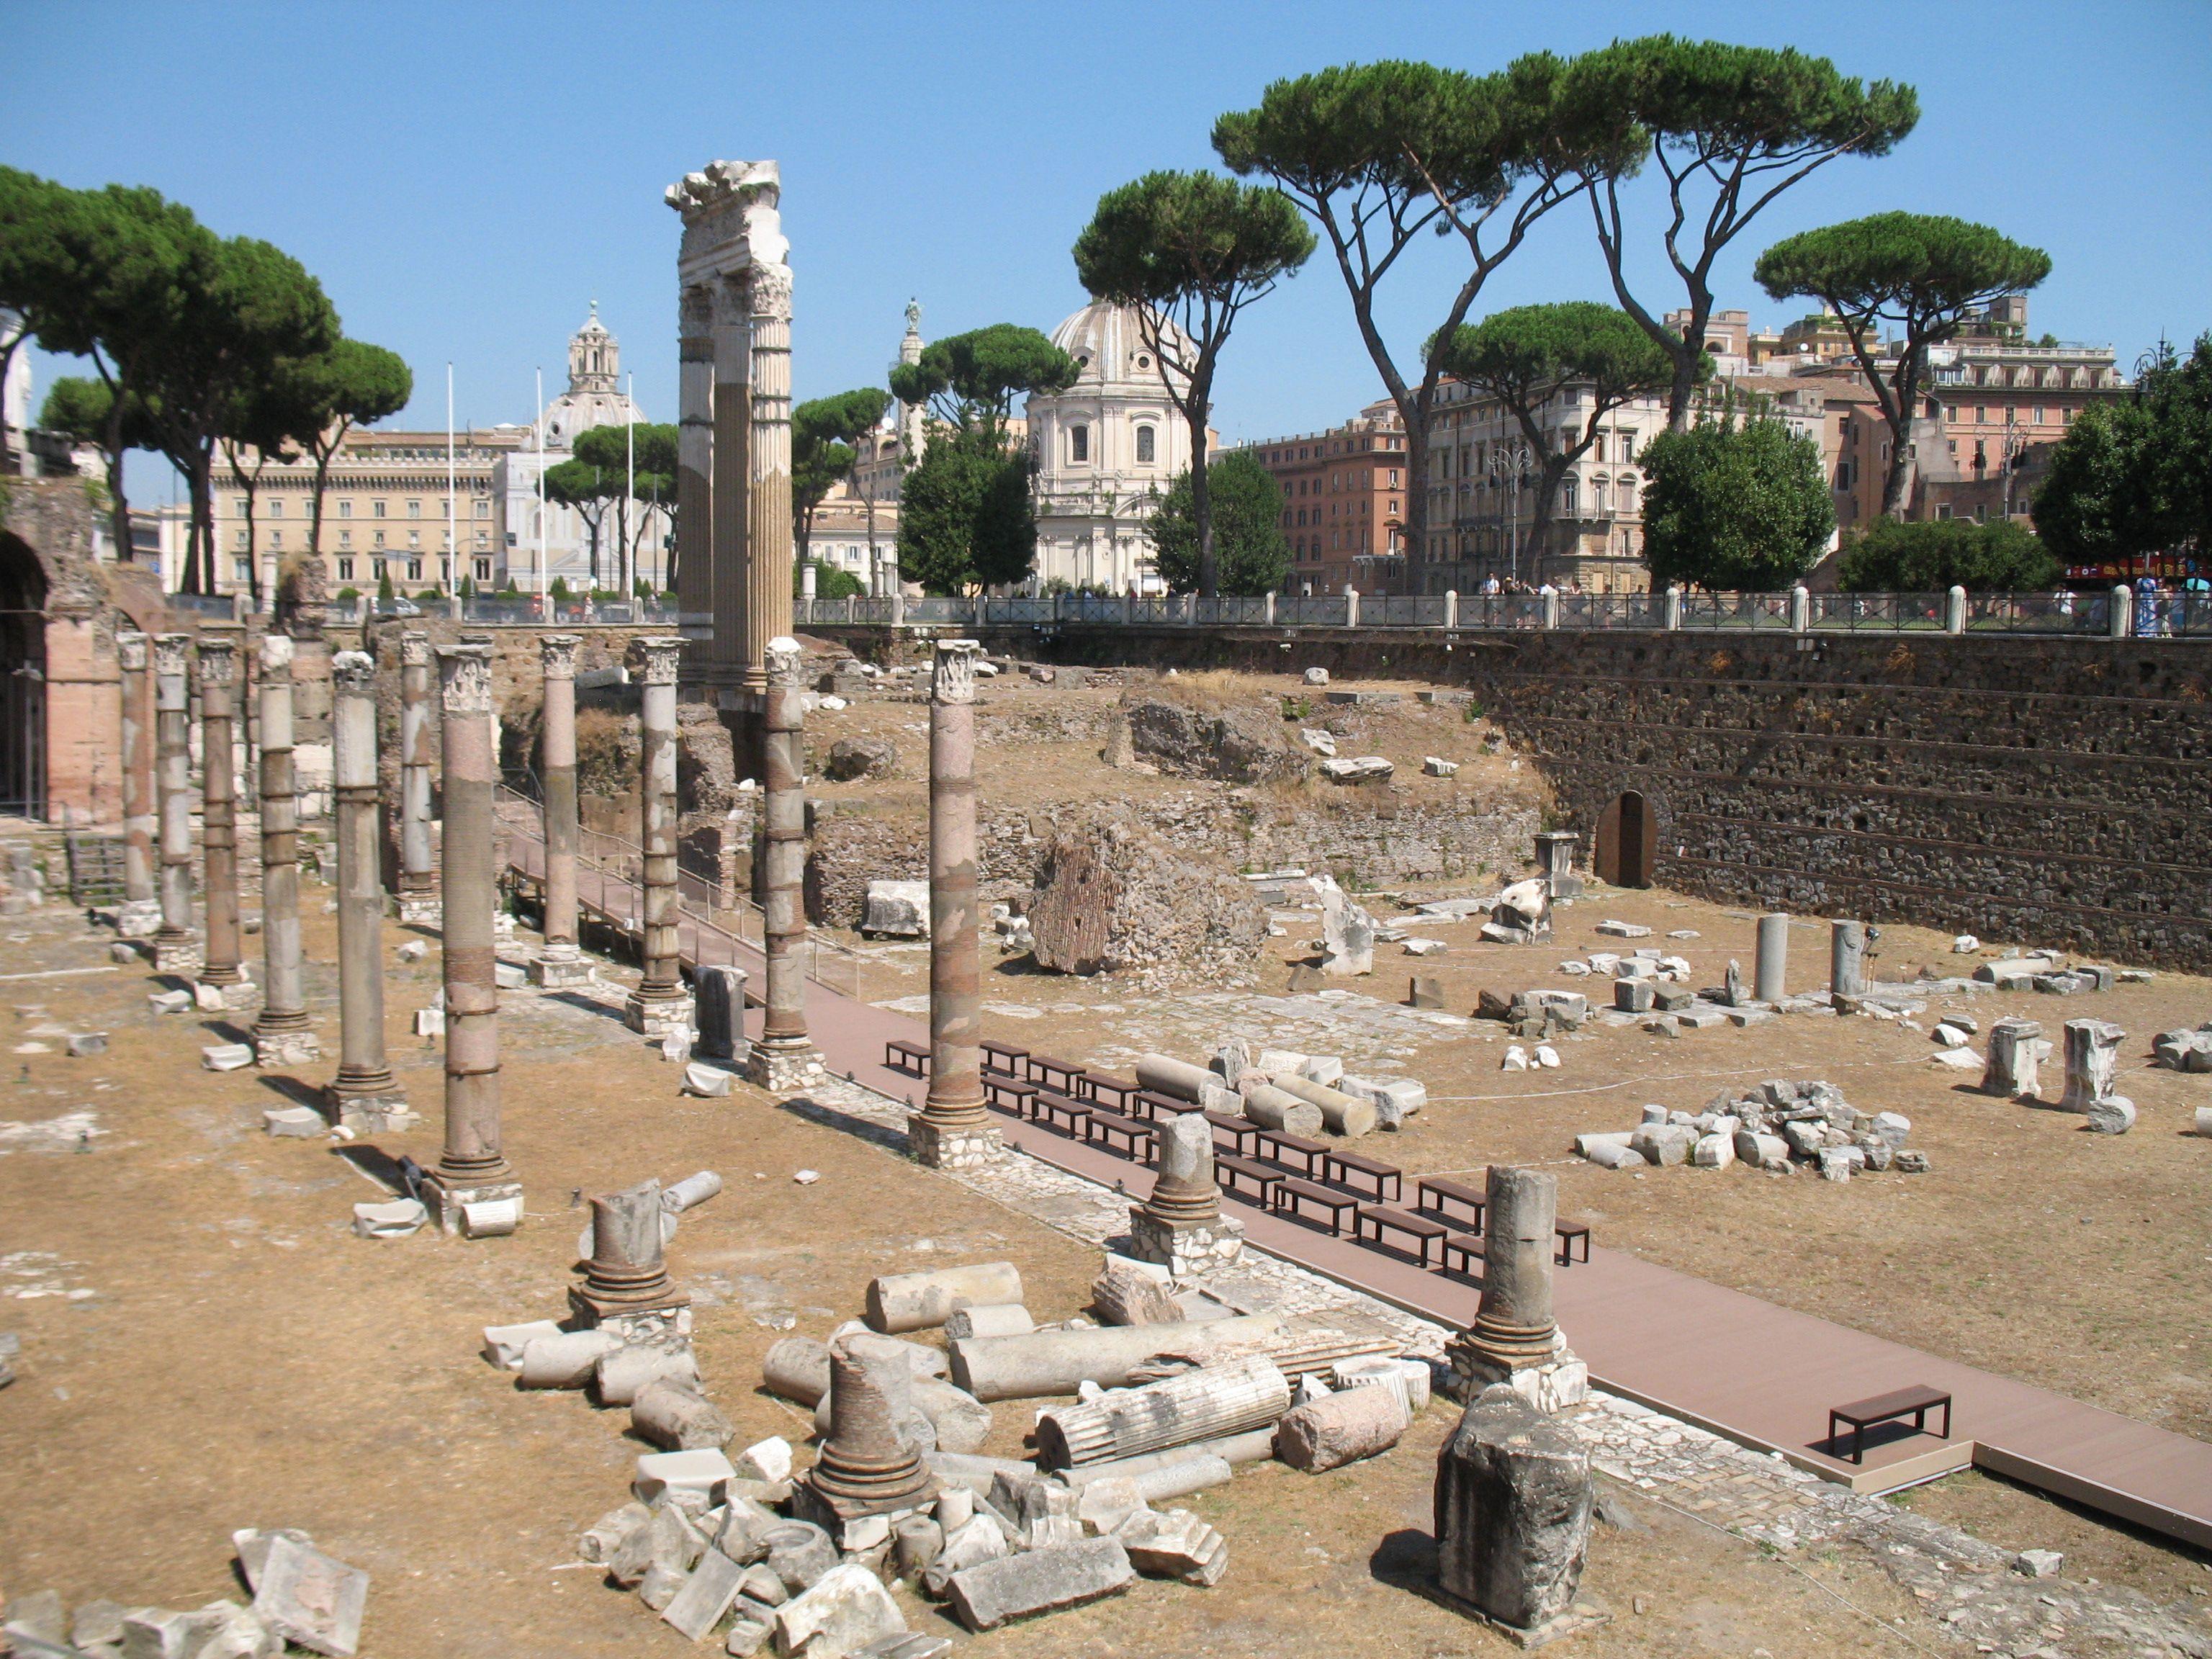 Dit Zijn De Schamele Resten Van Het Forum Van Caesar Naast Het Forum Romanum Hierna Kregen Alle Romeinse Keizers Een Eig Romeinse Keizer Vaticaanstad Paleizen